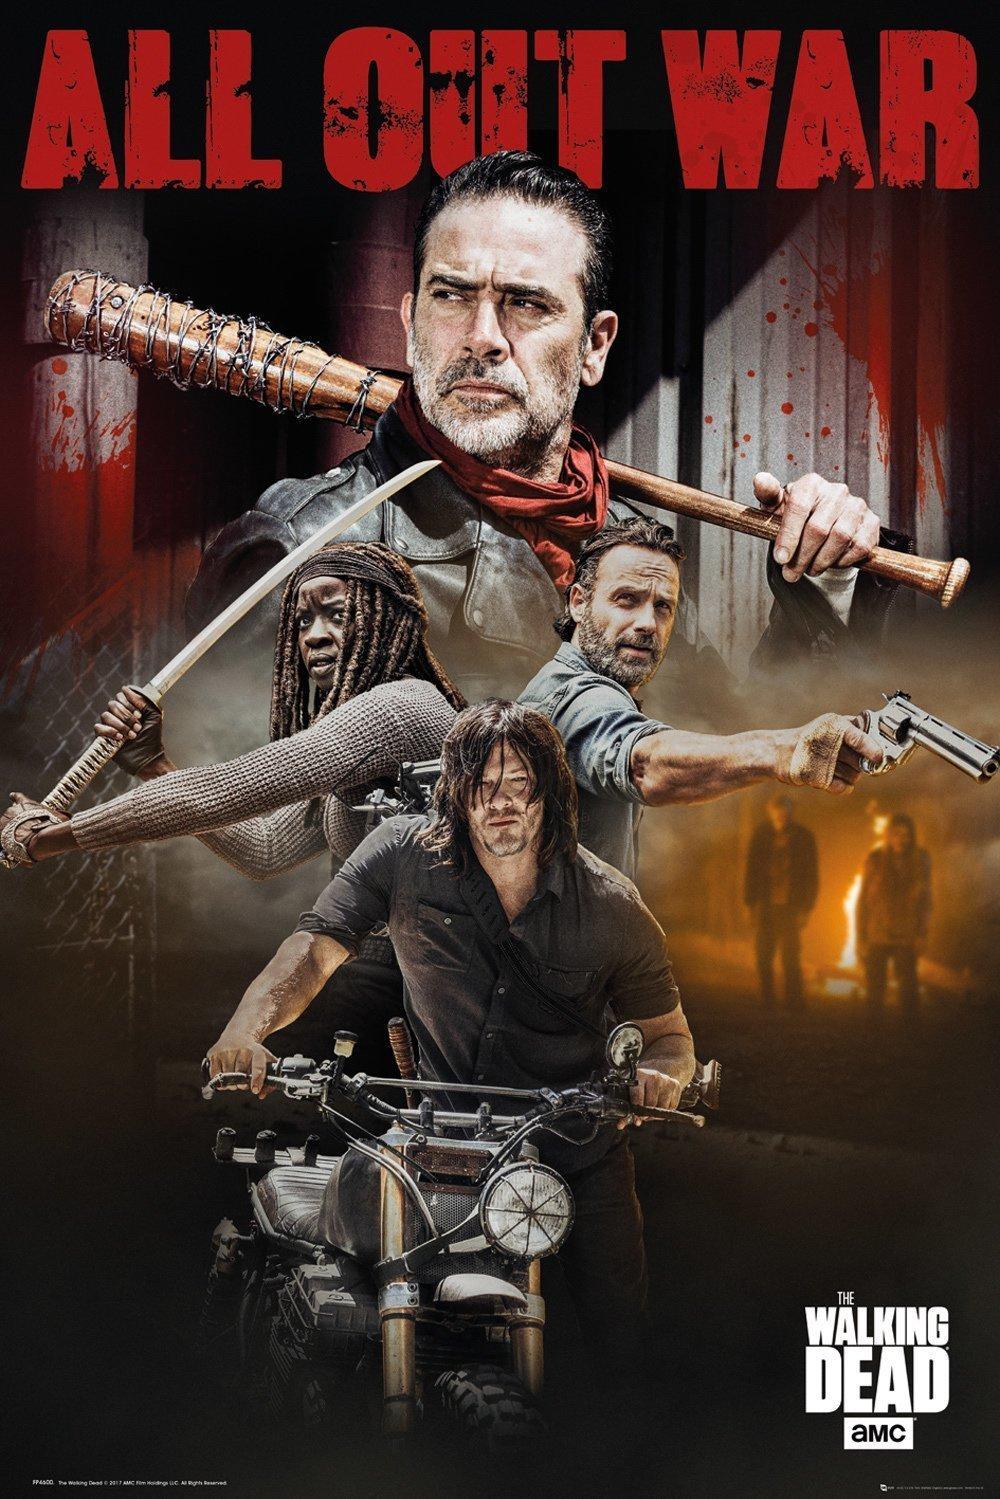 The Walking Dead - Season 8 Collage